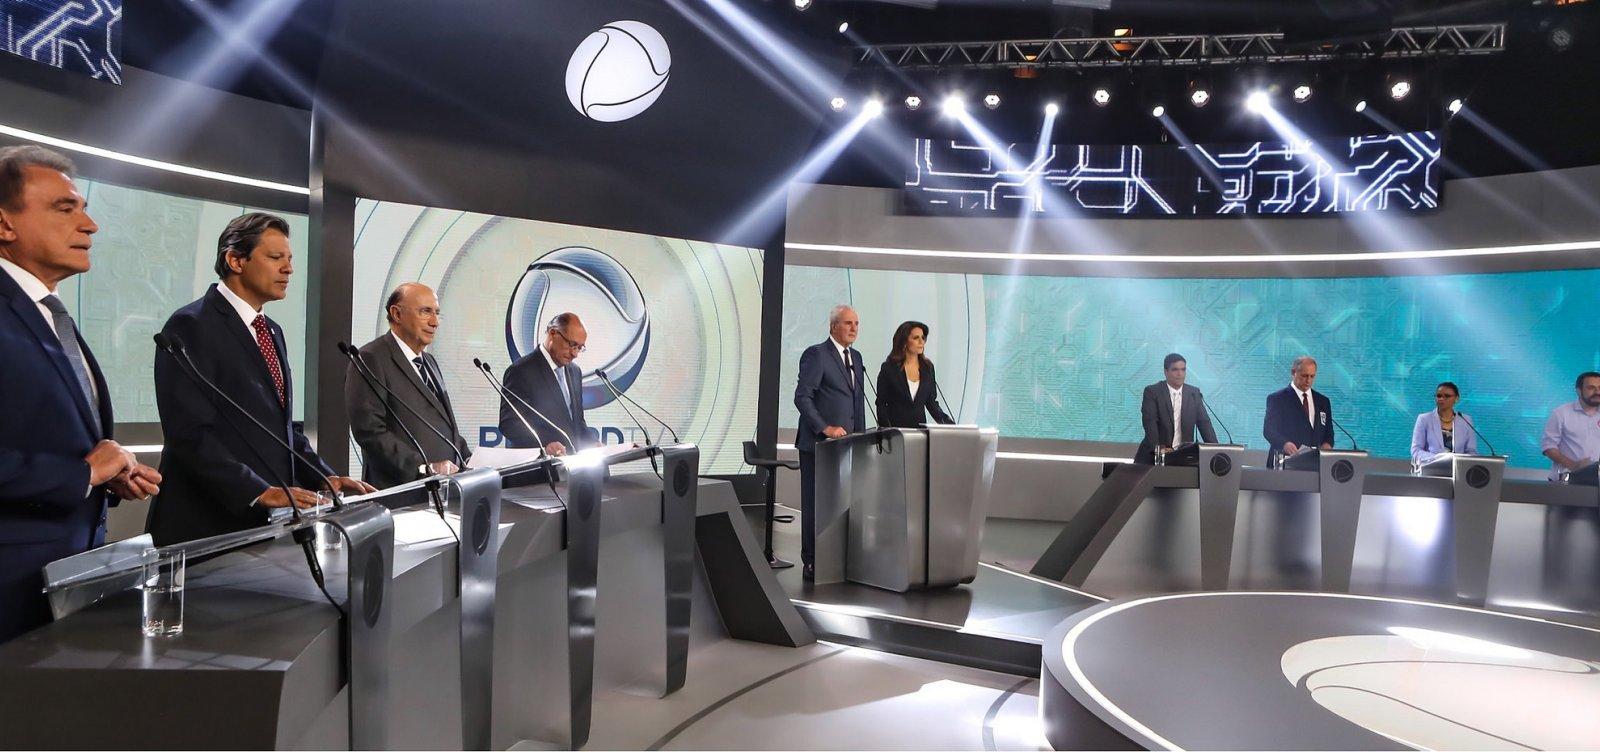 Bolsonaro desiste de debate da Globo após recomendação médica